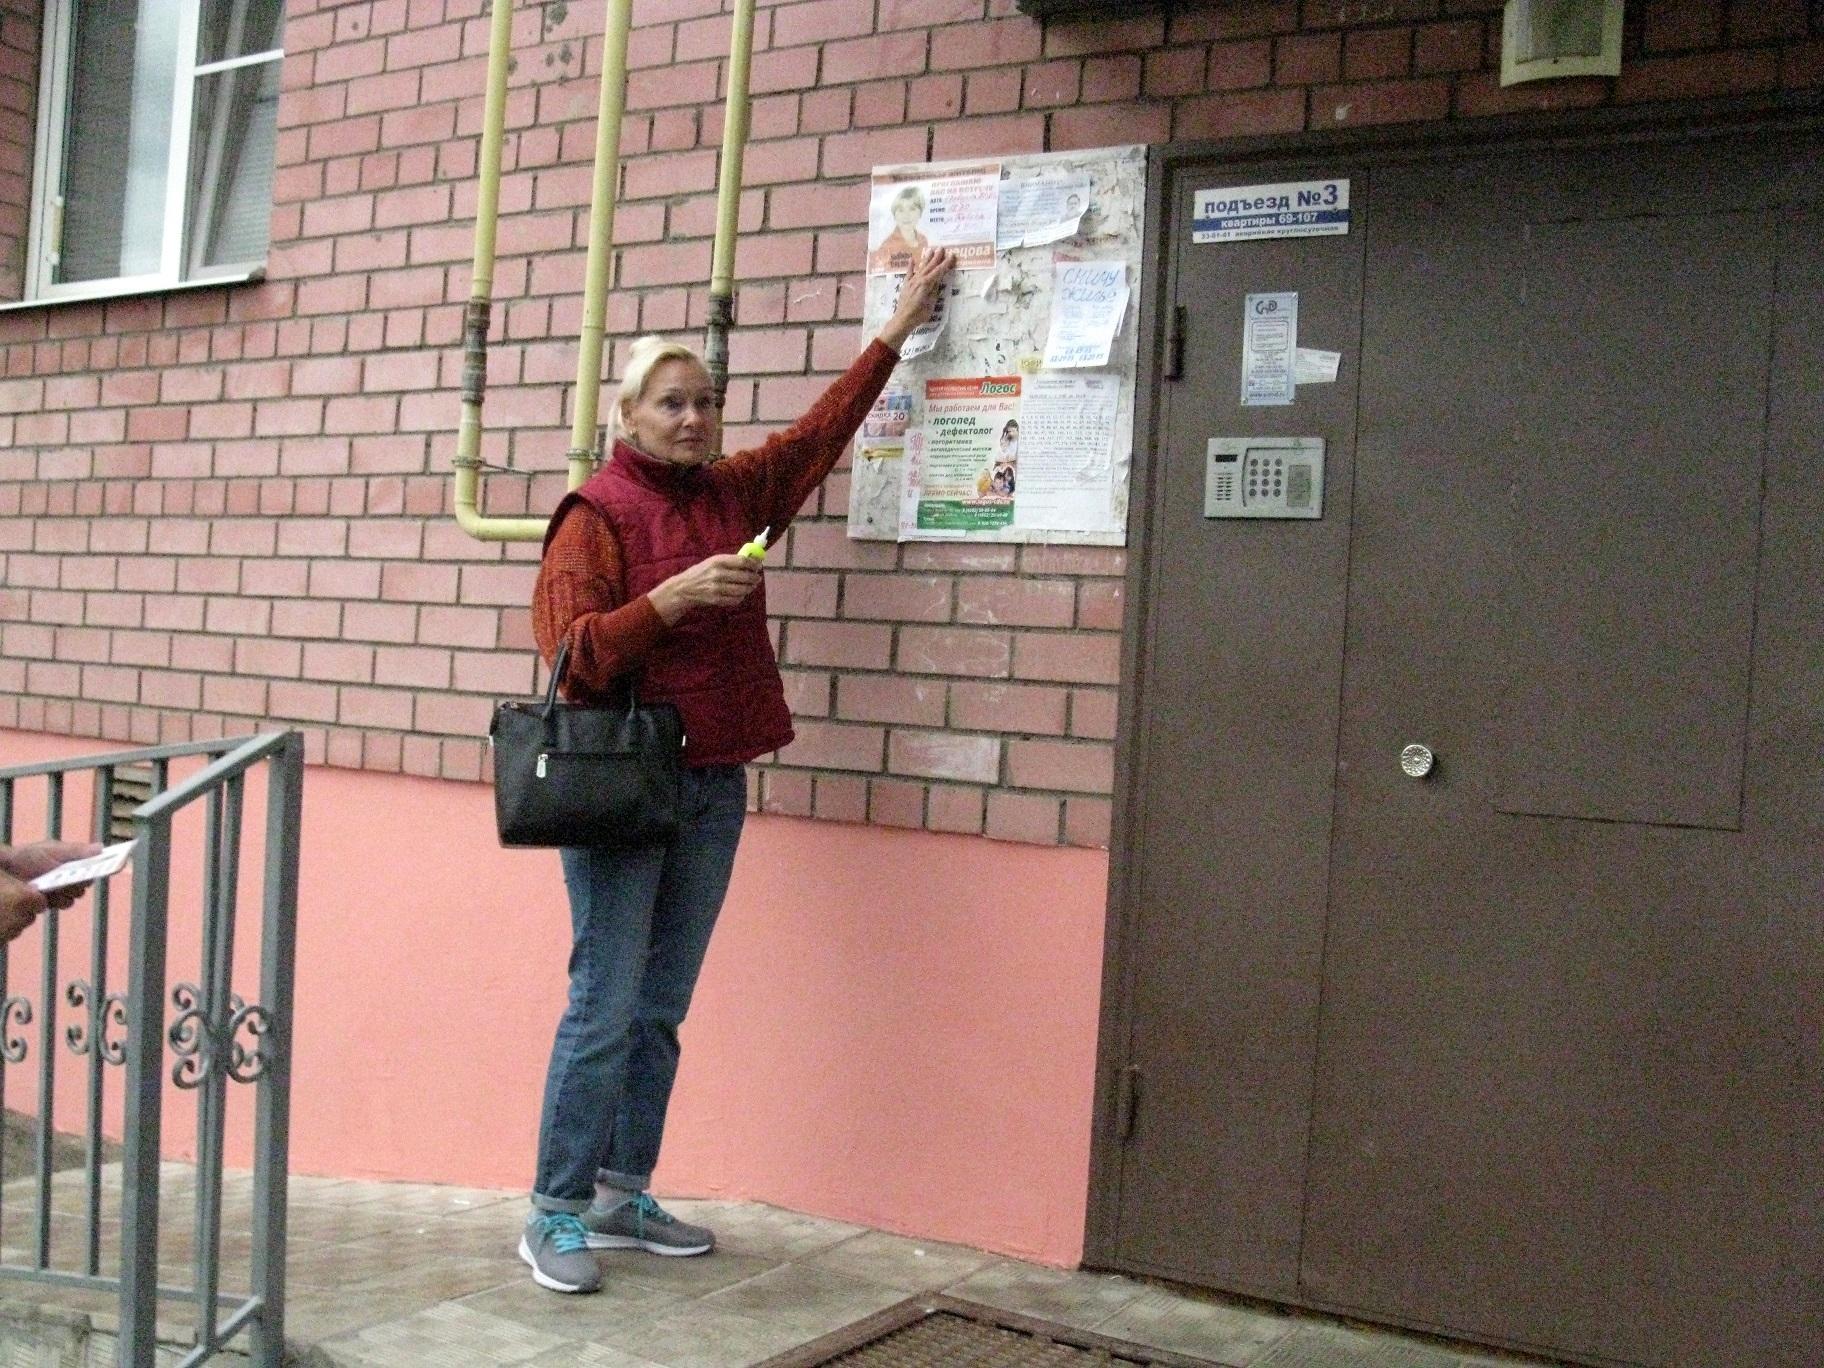 Встречи с кандидатом в депутаты Госдумы от КПРФ Еленой Кузнецовой в Дзержинском районе